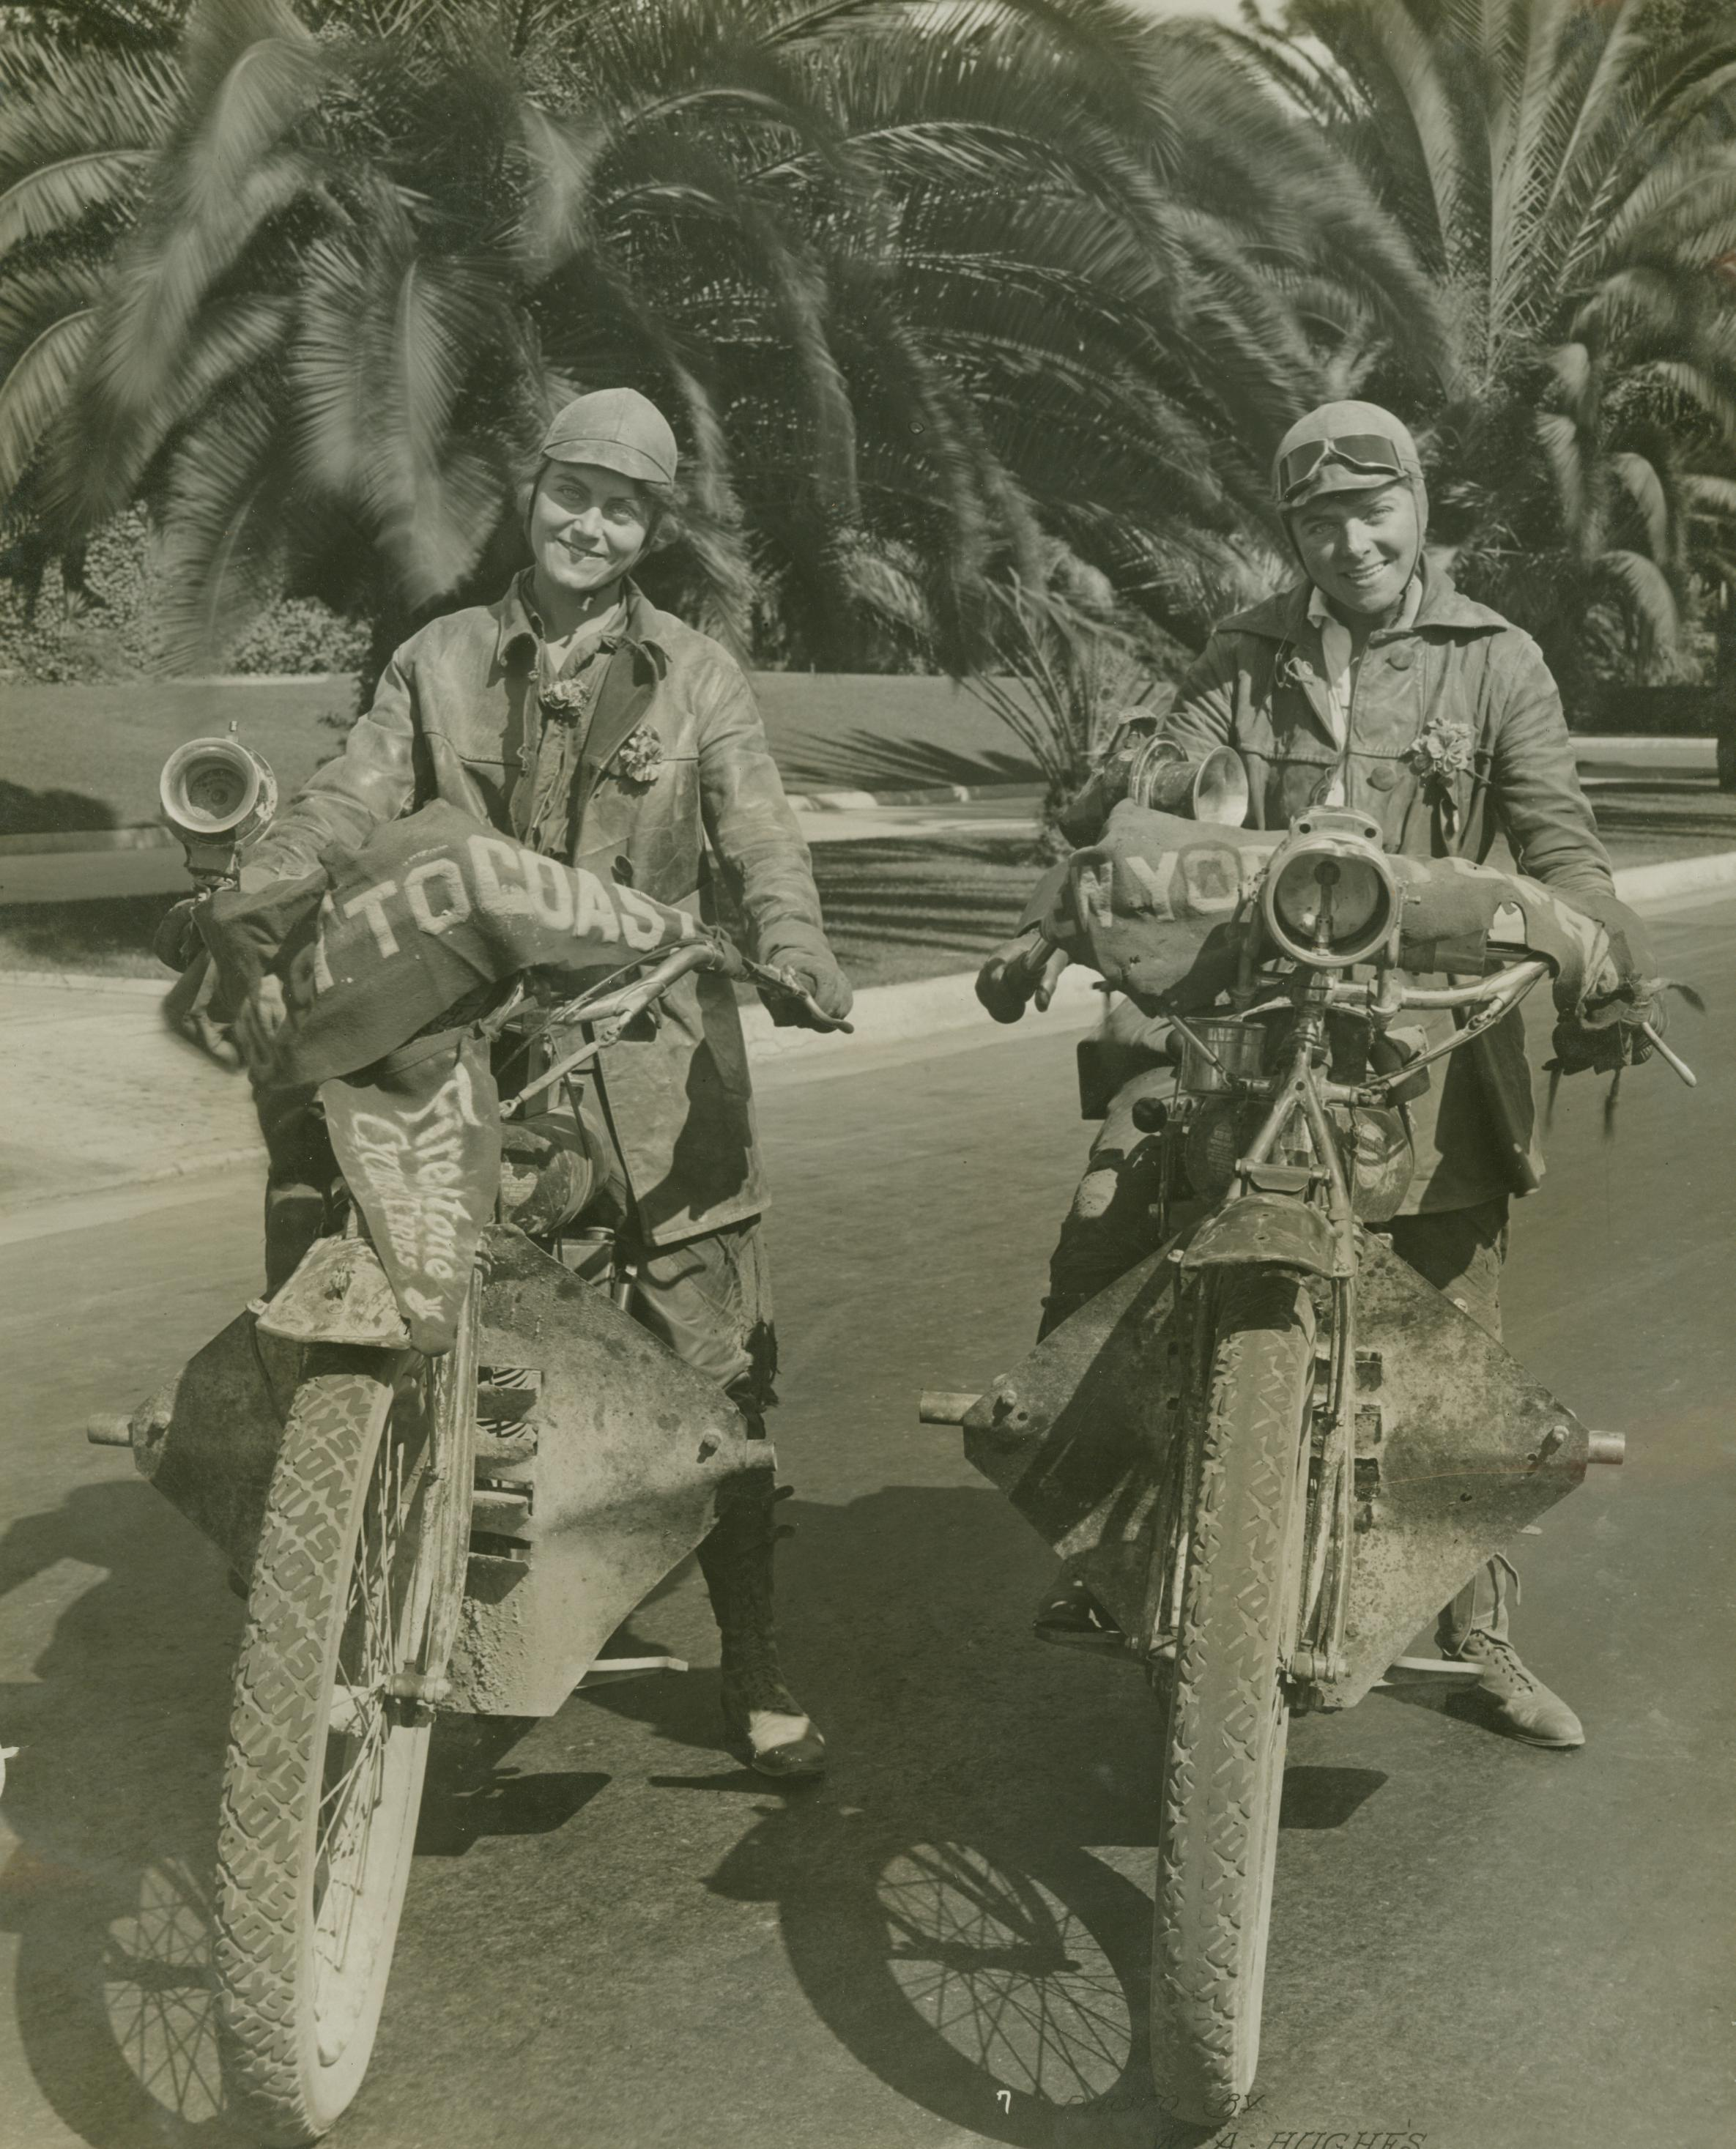 G&Afrontviewonbikes.jpg